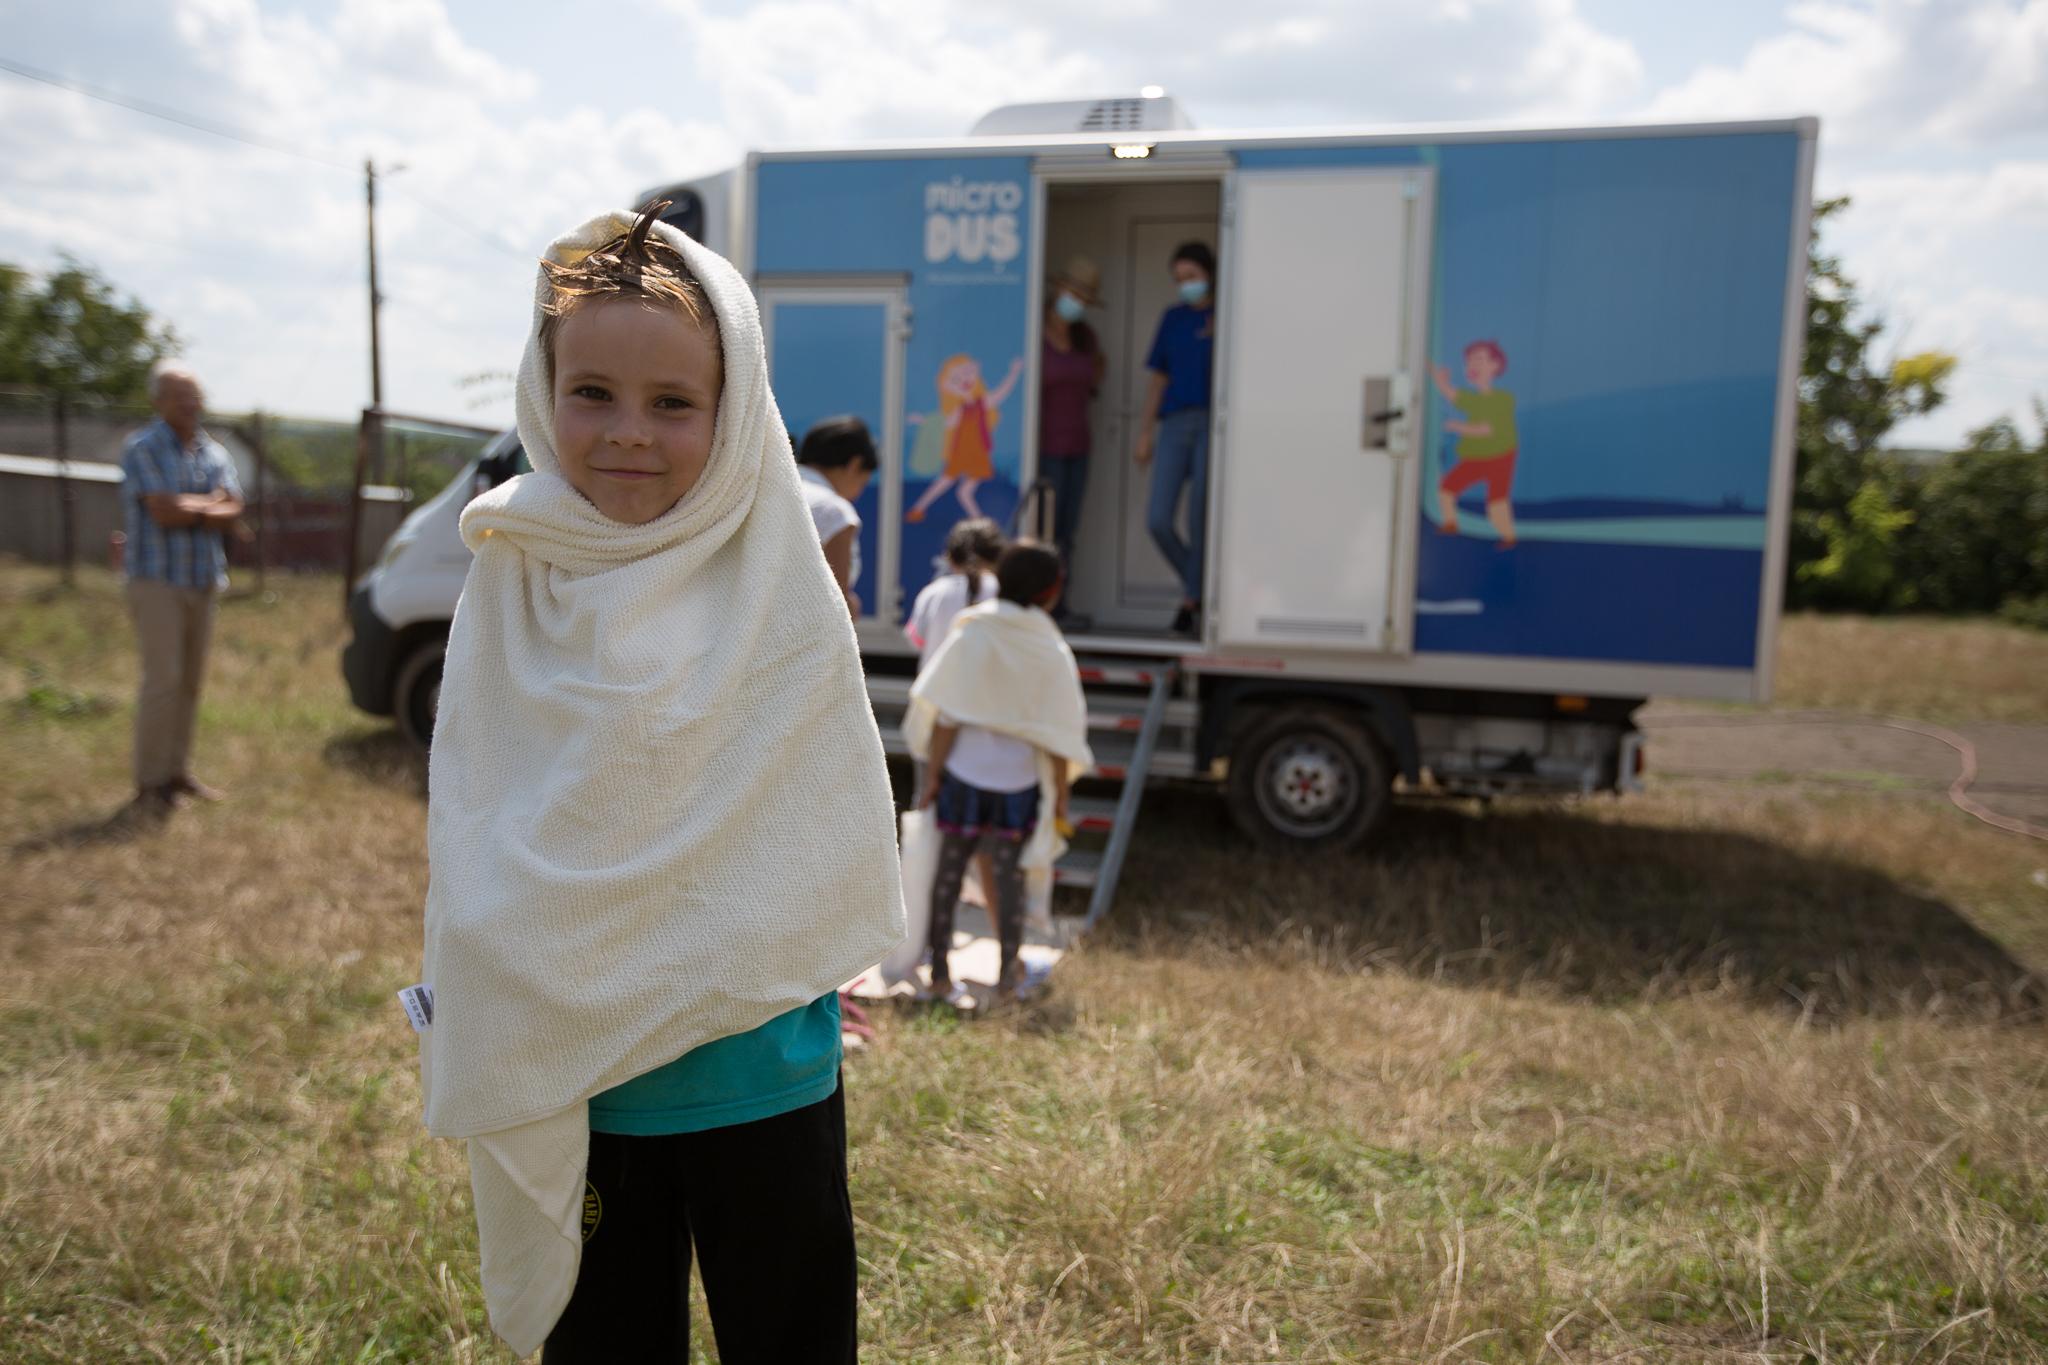 Fundația Bethany și Teatru Fix au ajuns la 800 de copii din mediul rural printr-un program de educație comunitară pentru sănătate